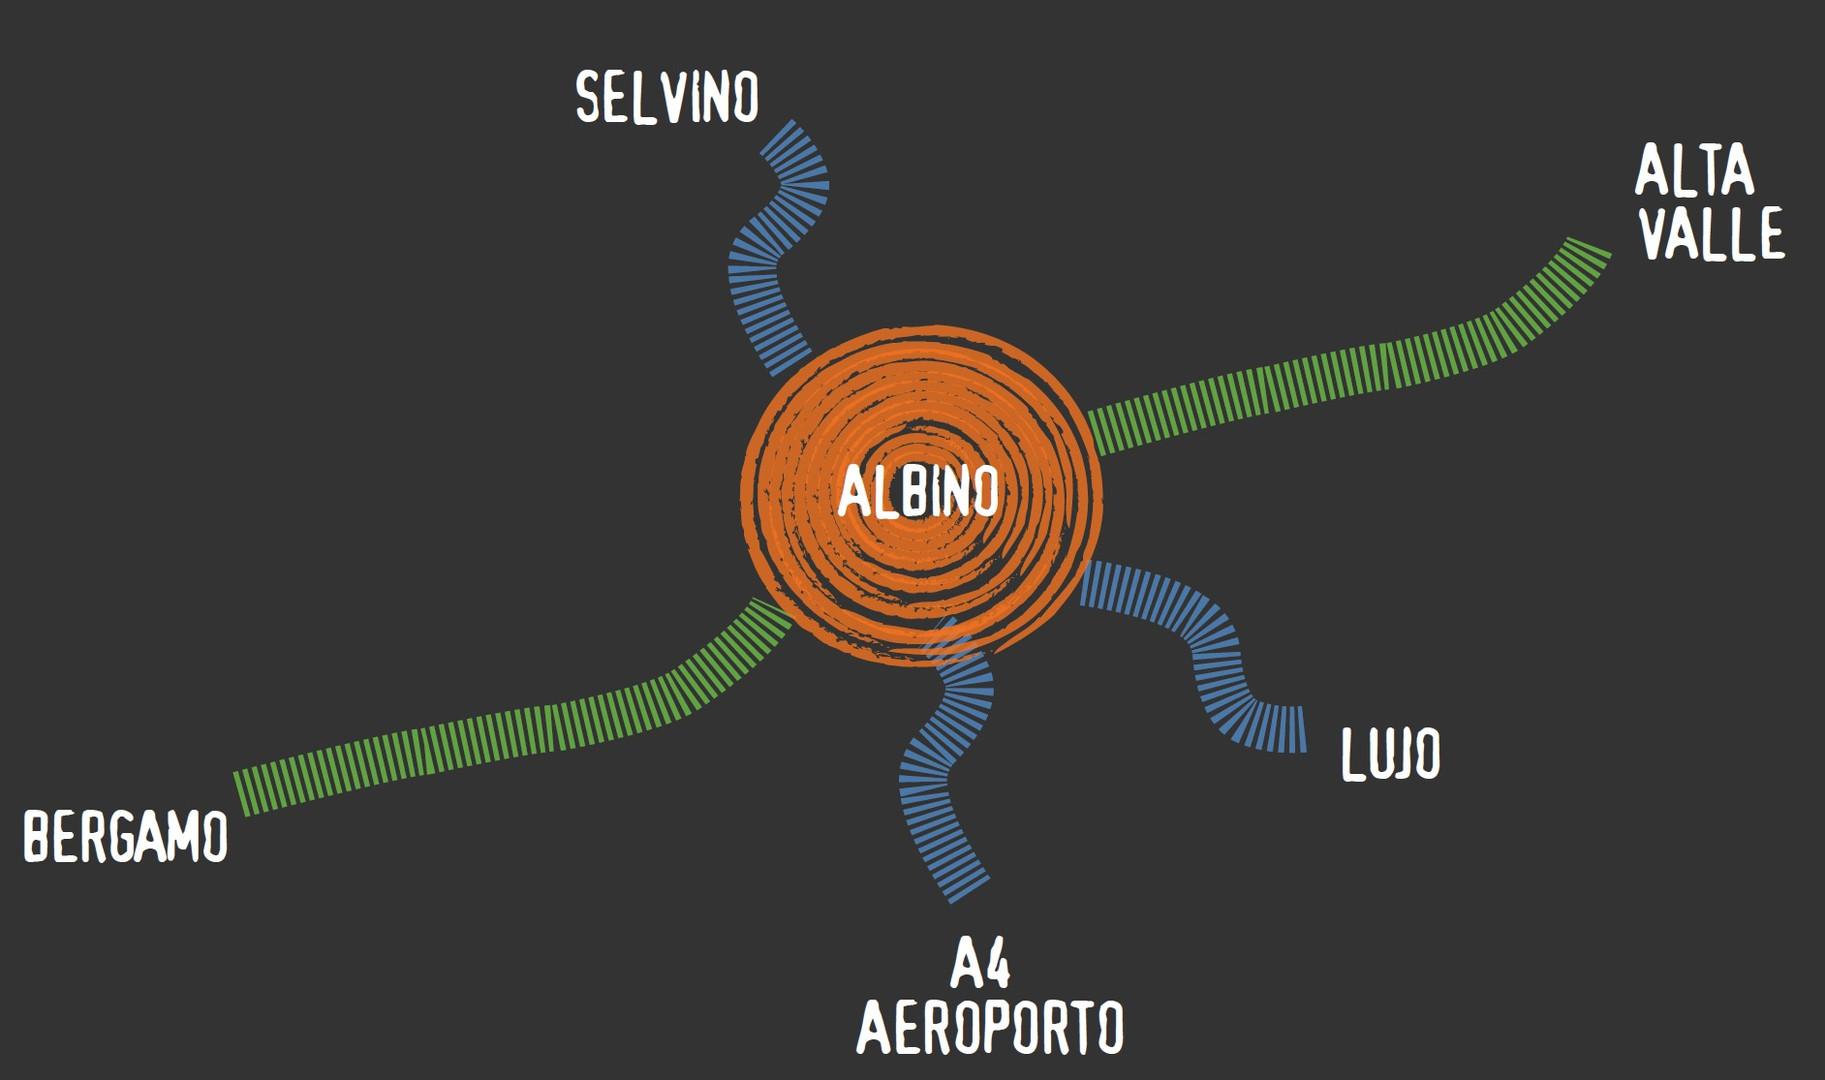 LA CENTRALITA' DI ALBINO